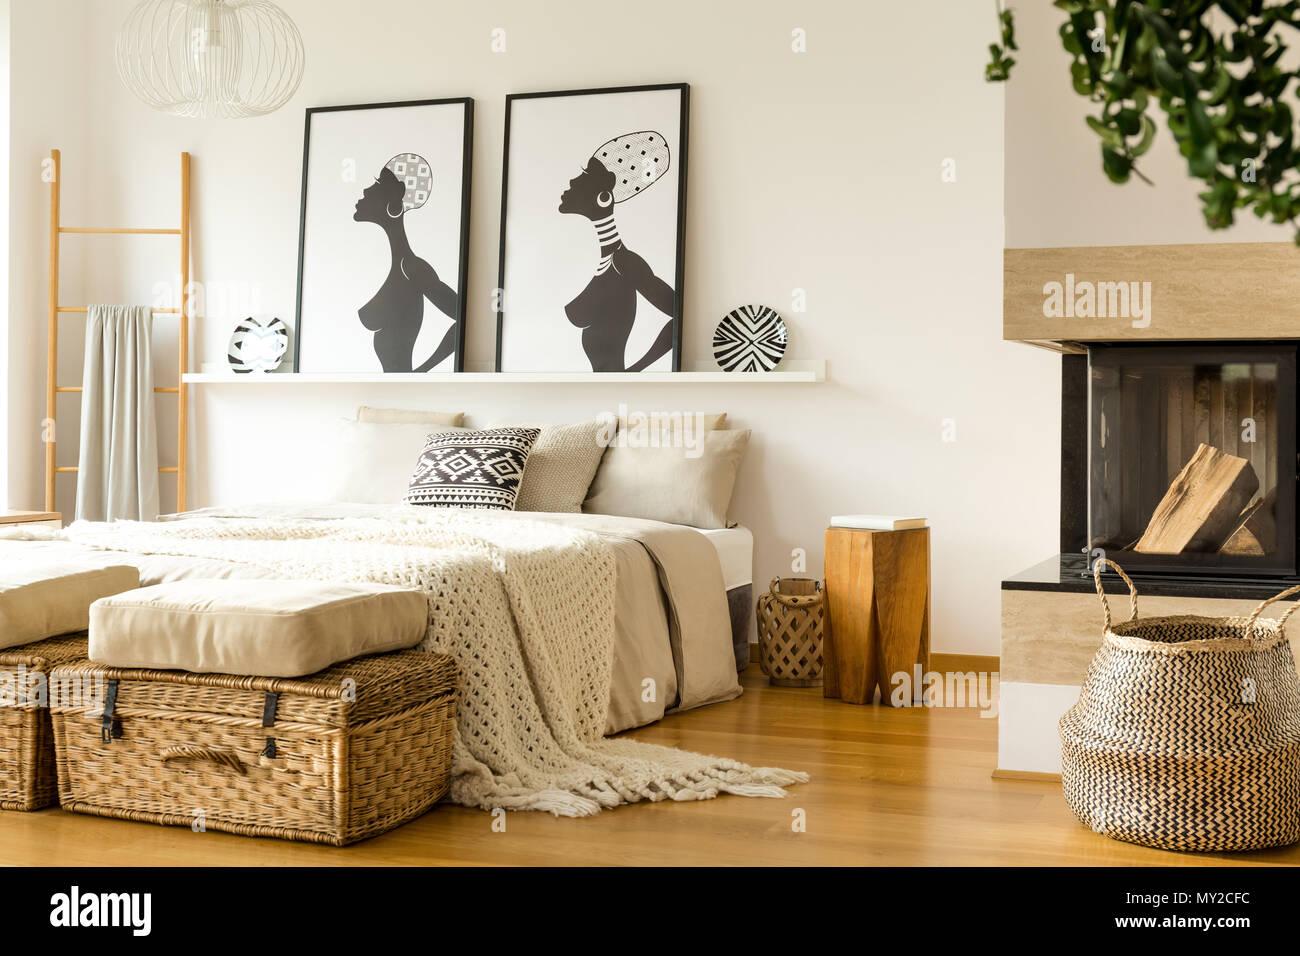 Holz Hocker neben dem Bett mit Stricken warme Decke im Schlafzimmer ...